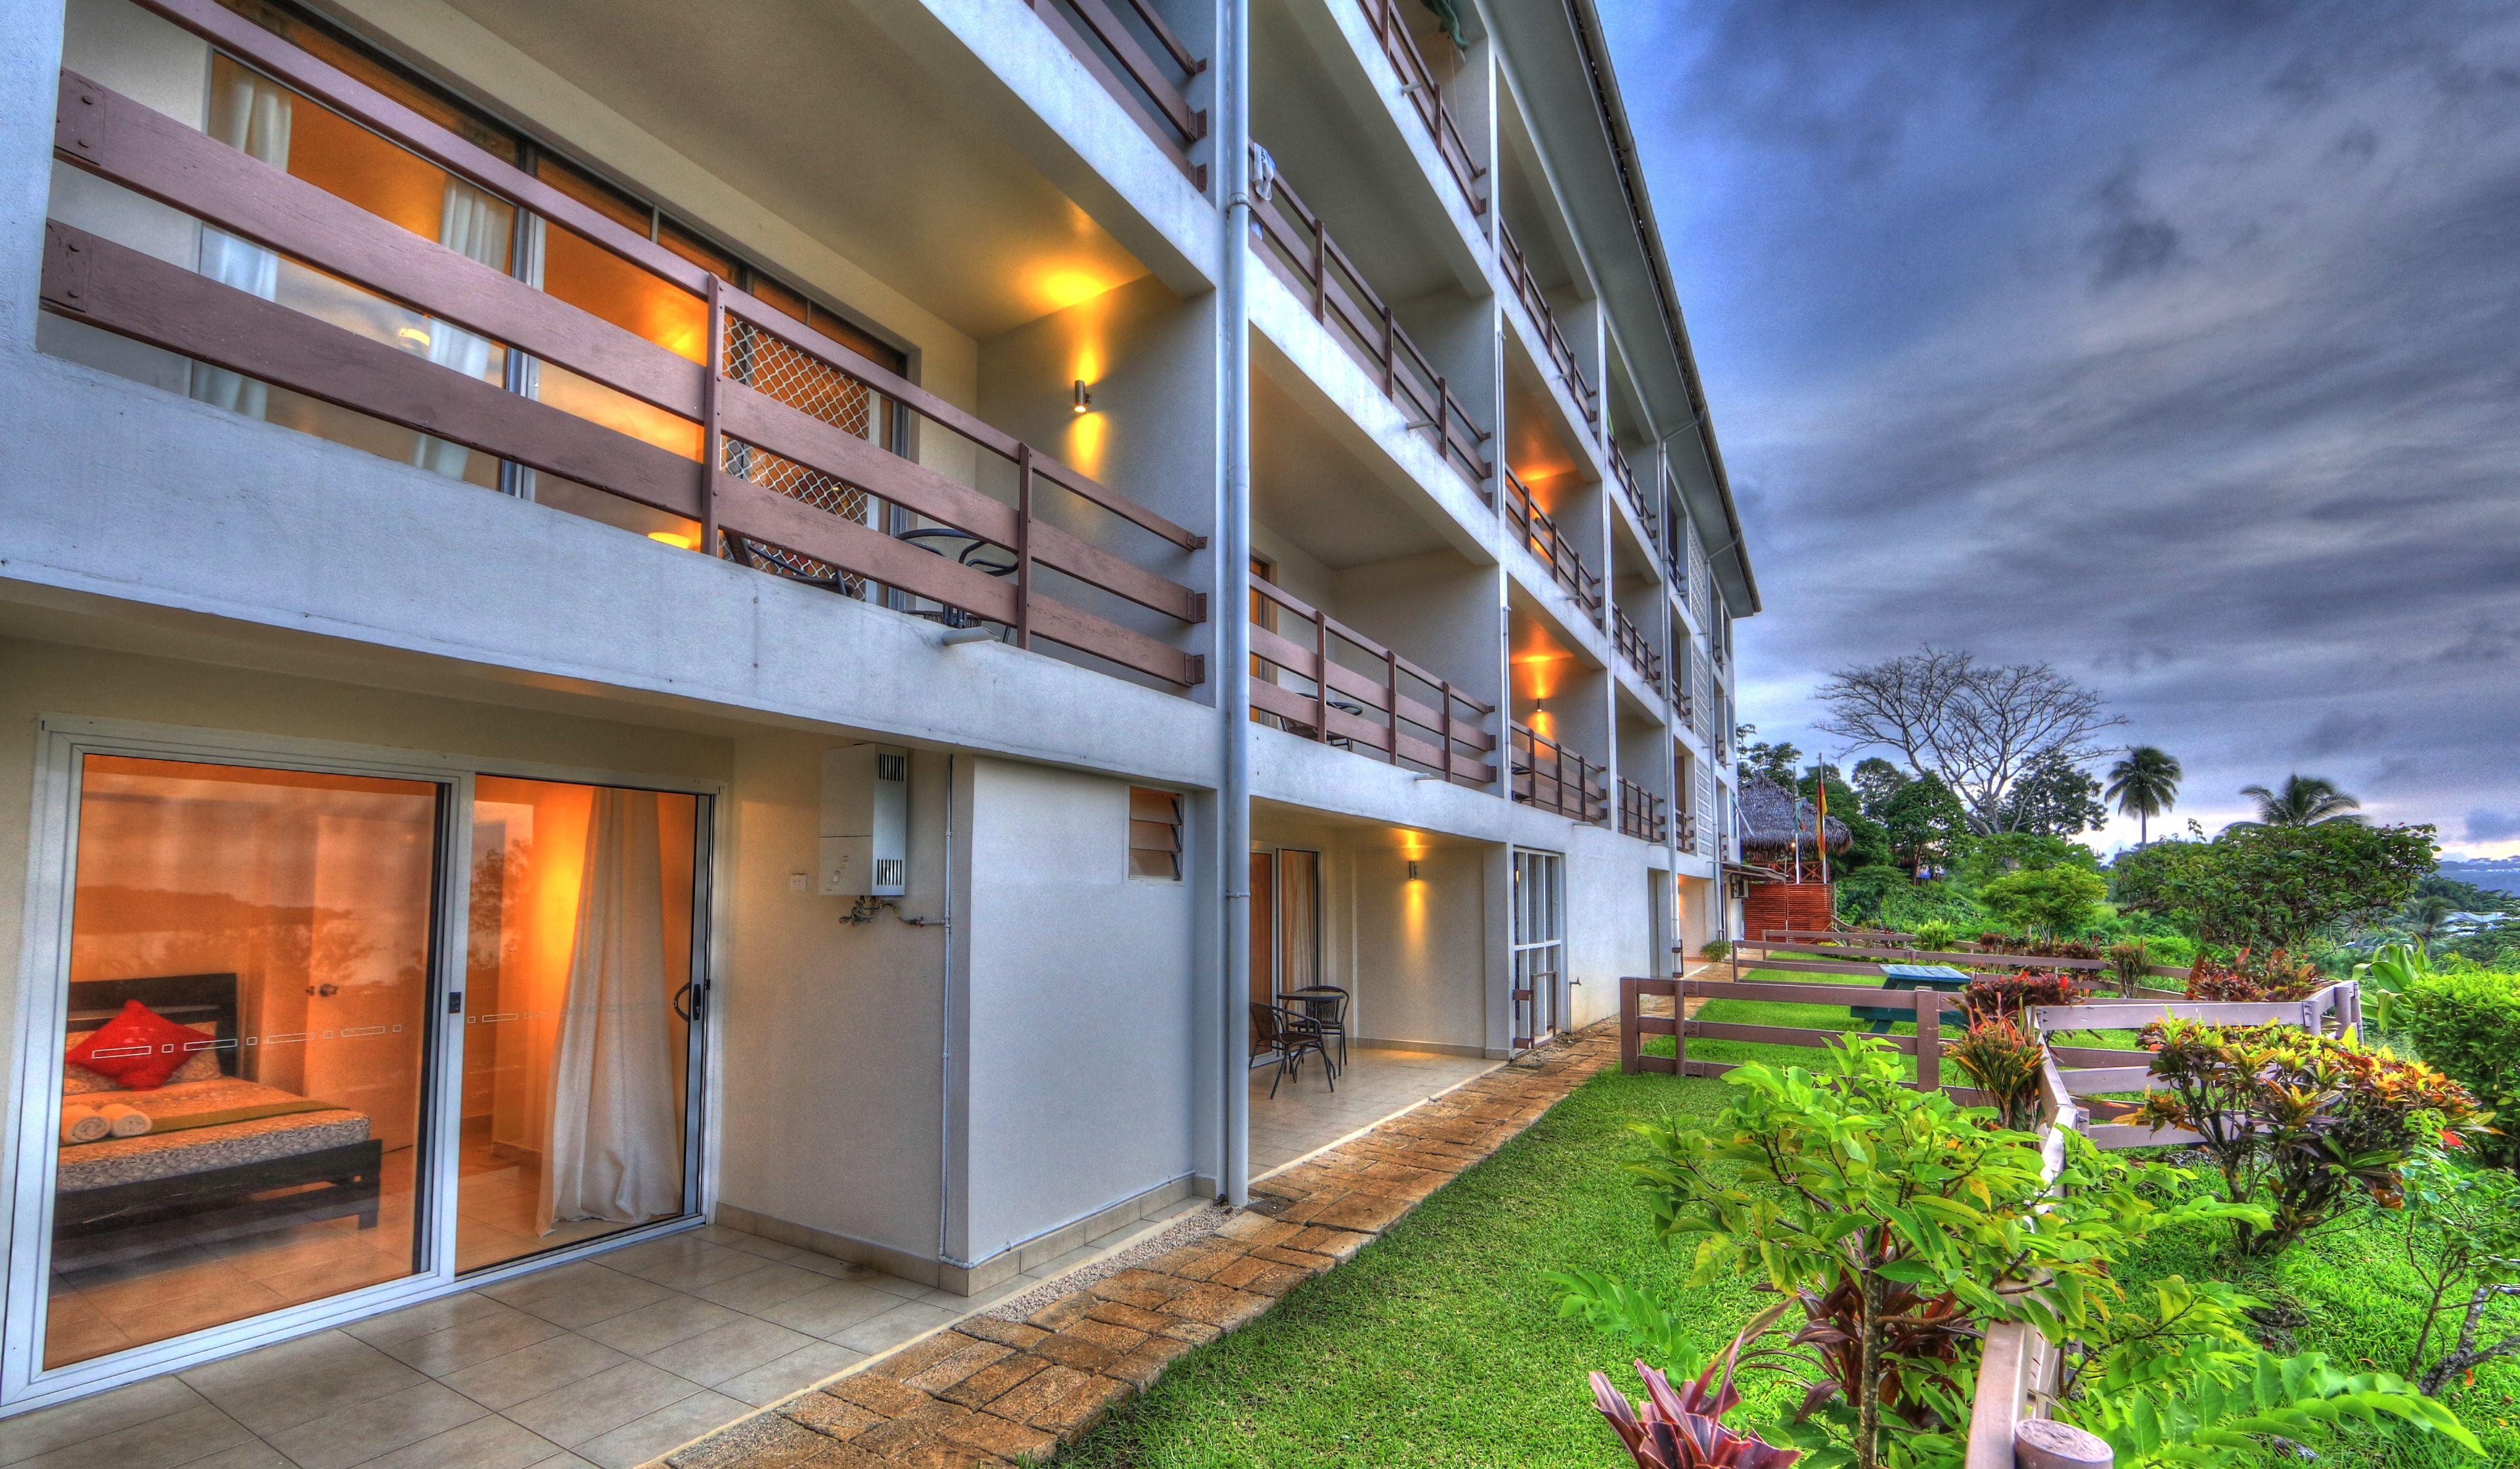 Ocean View Hotel Apartments Port Vila Vanuatu Ocean View Hotel Ocean View Hotel Apartment